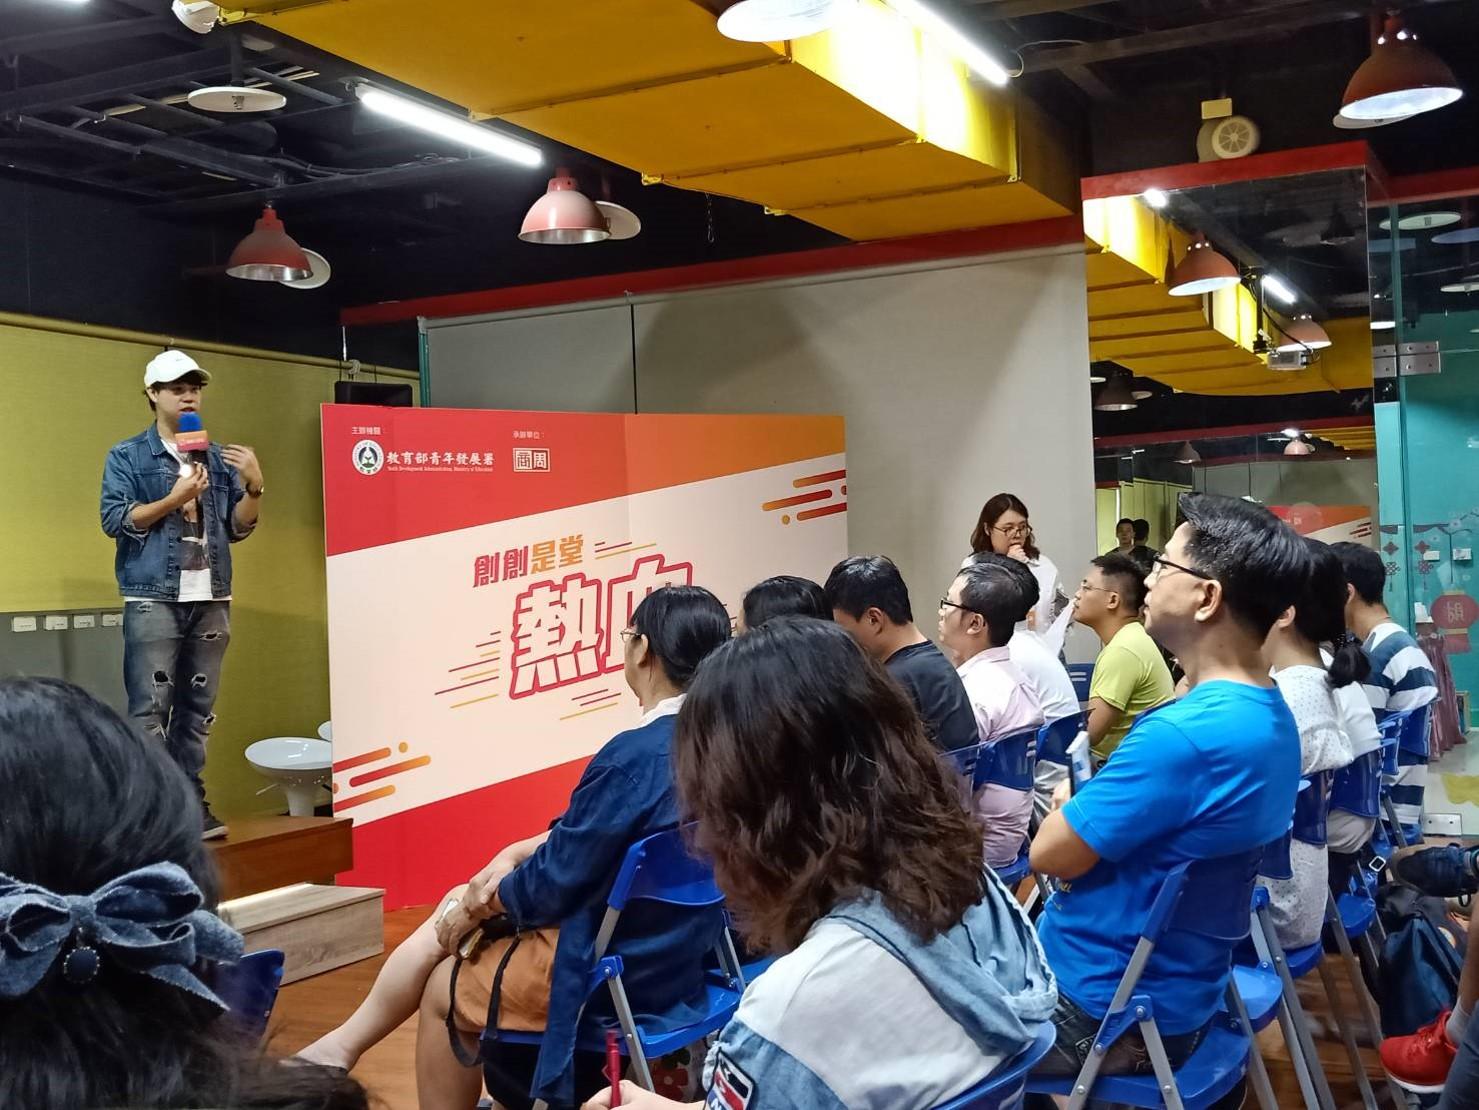 (圖二)臺灣吧共同創辦人林辰向台下聽眾表示,看準市場受眾群才是重要的關鍵所在。